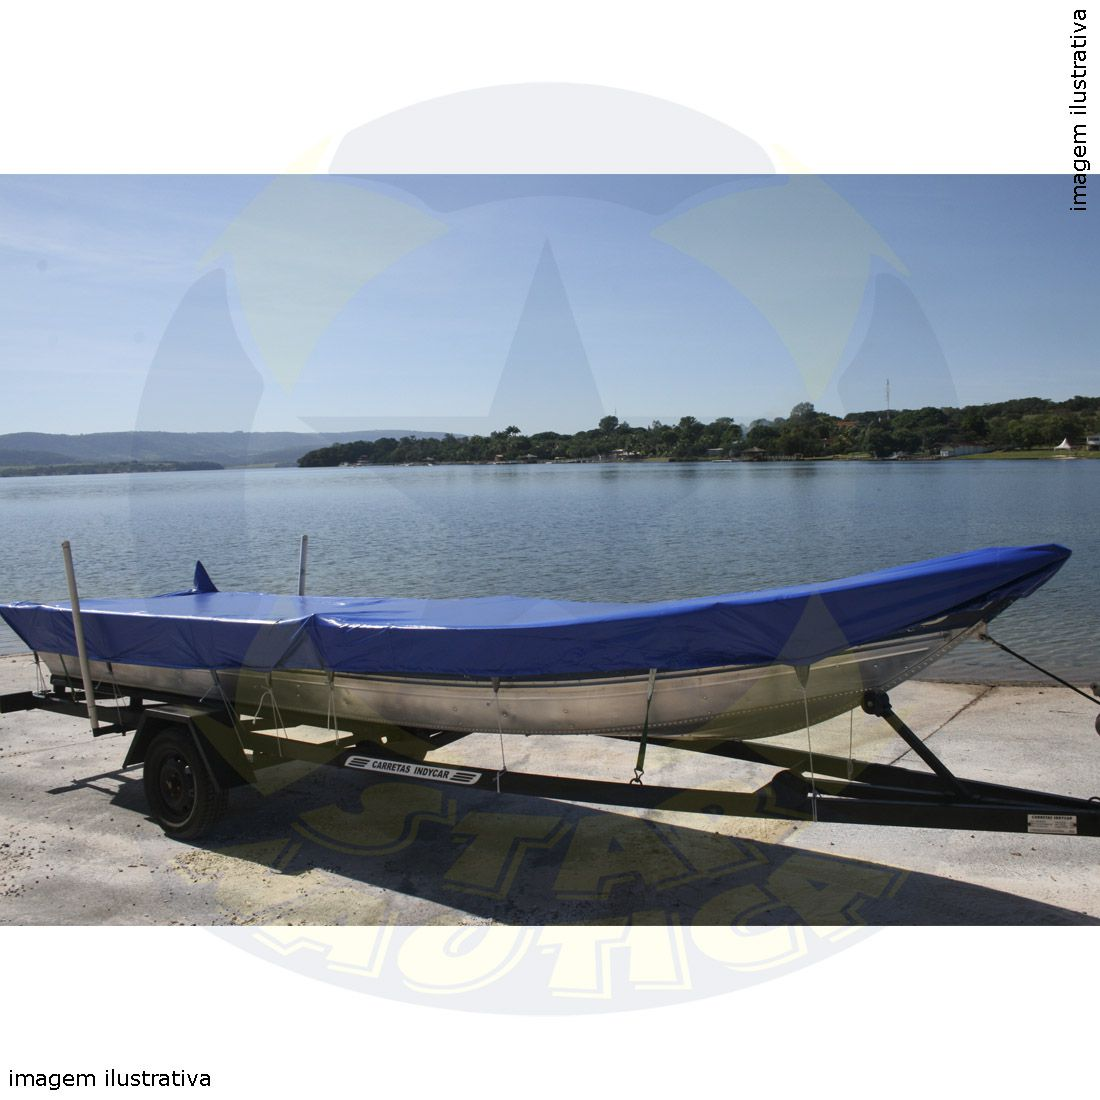 Capa Lona de Cobertura Barco Aruak 600 Lona Poliéster